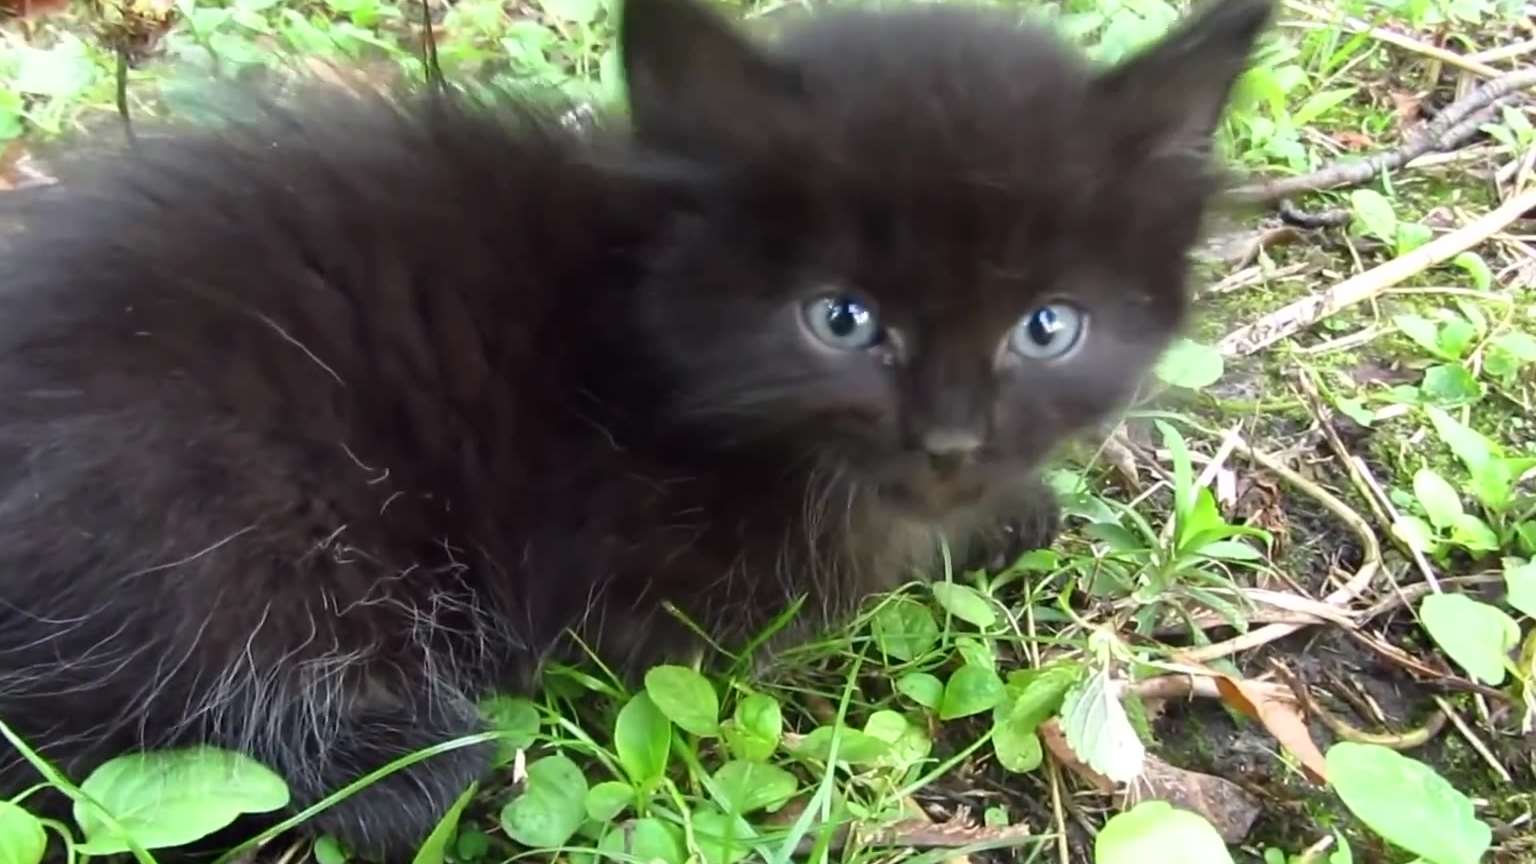 网友偶遇一只蓝眼睛小黑猫,吃了几口猫粮以后就乖乖任撸了